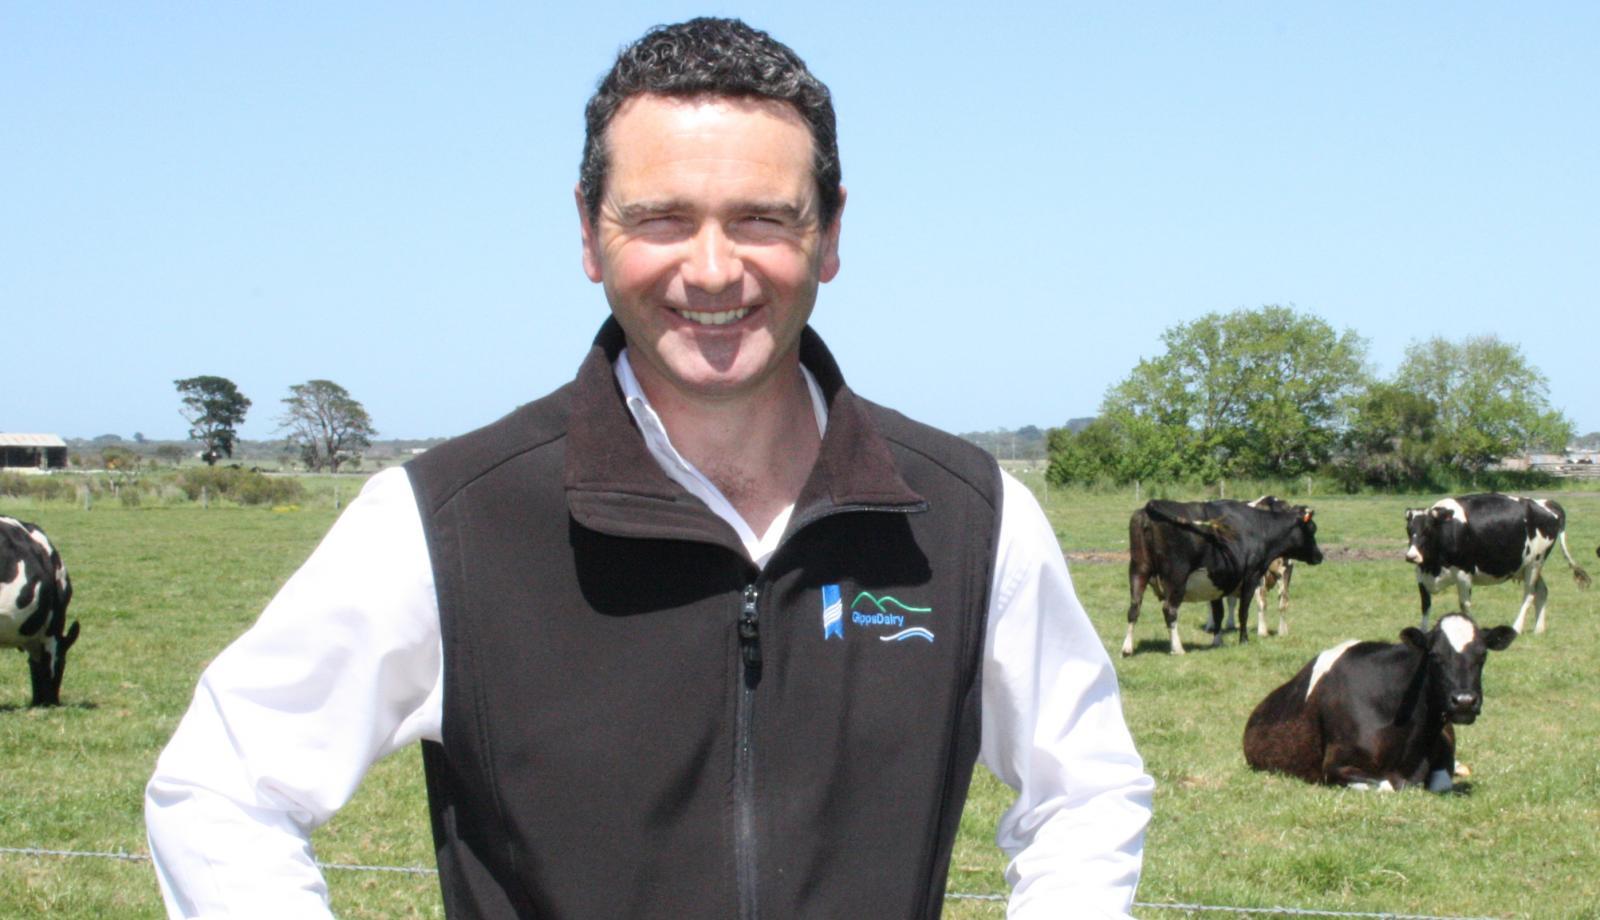 Focused on dairy performance